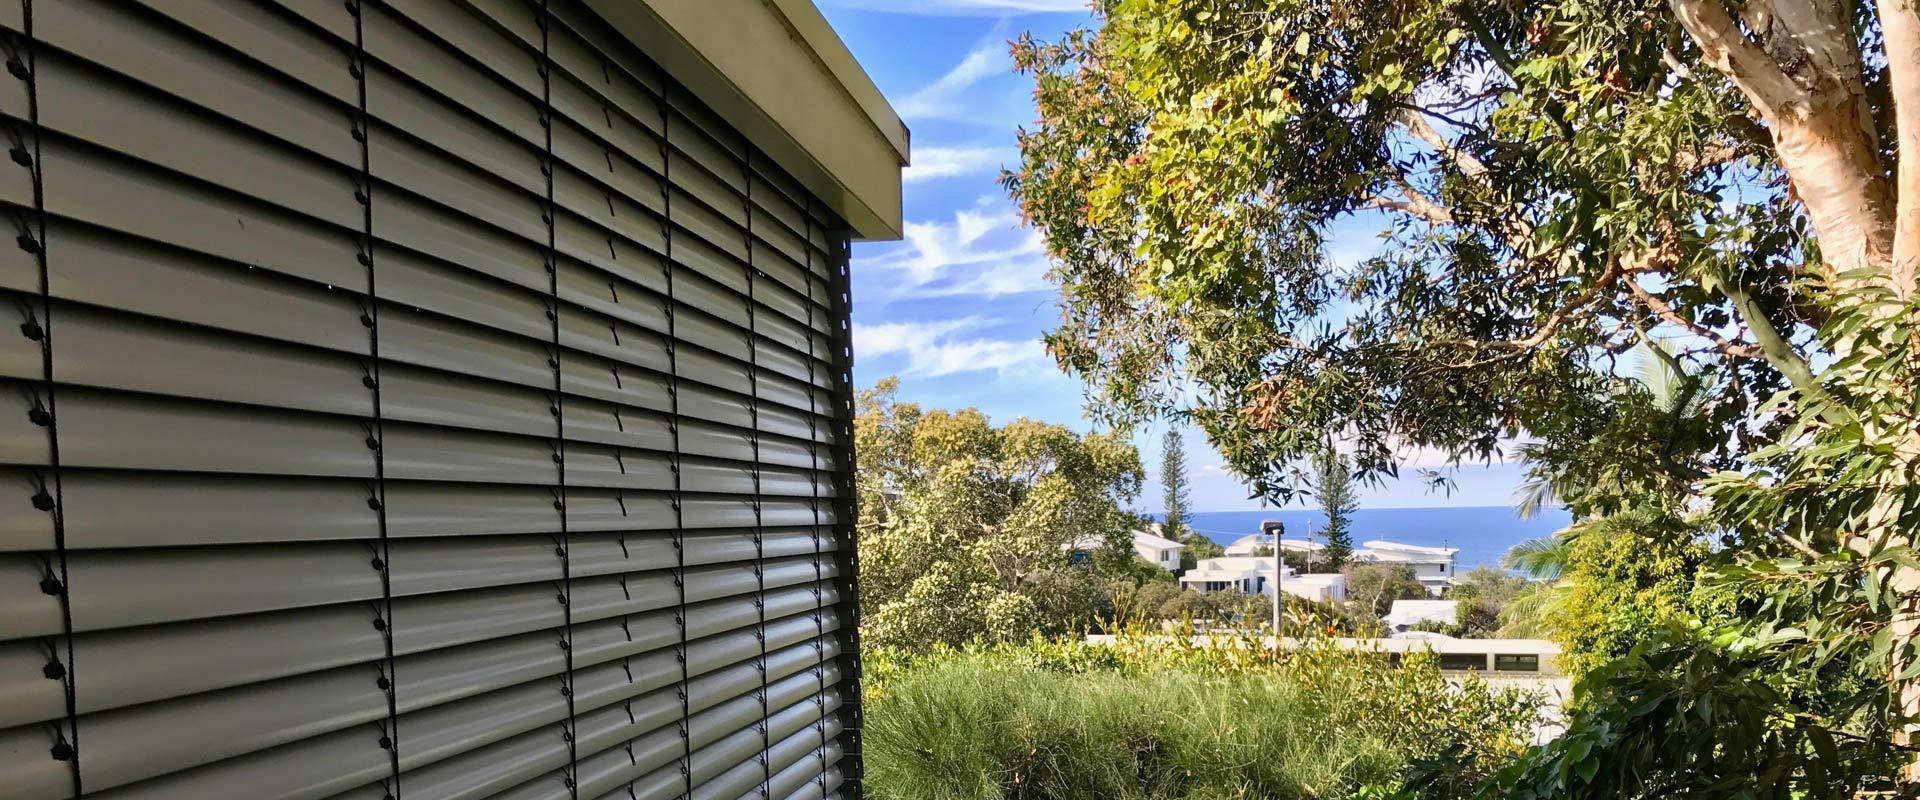 Vental Blinds Sunshine Coast - External blinds Dove Industry